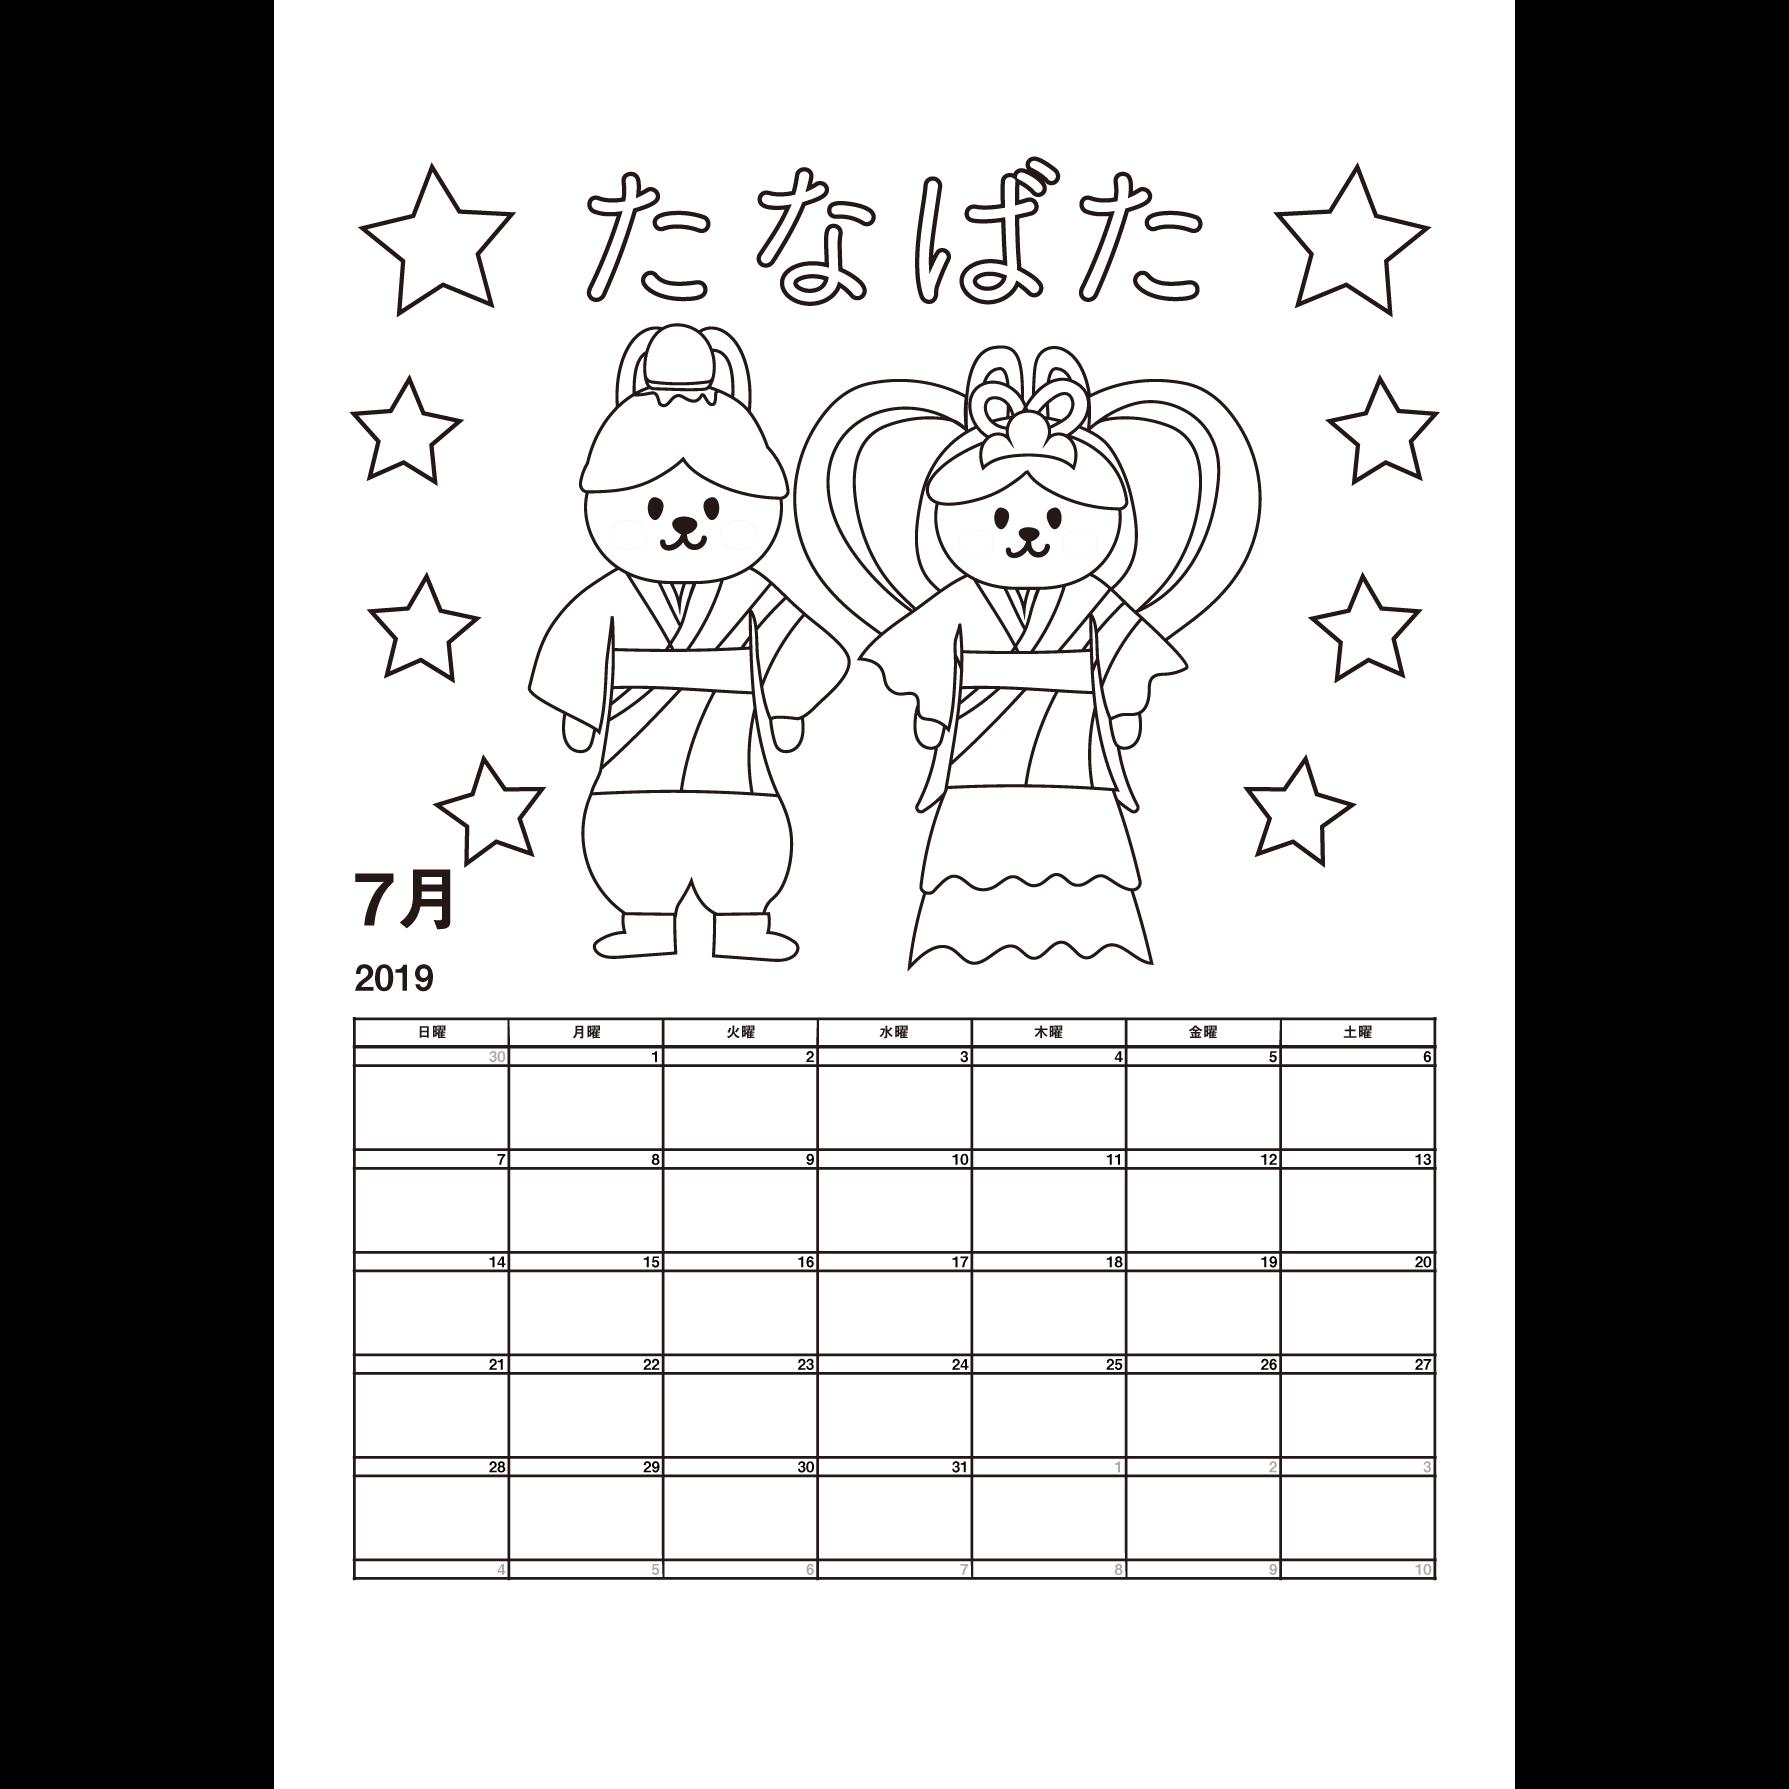 塗り絵 カレンダー 2019 7月 無料 イラスト 七夕たなばた